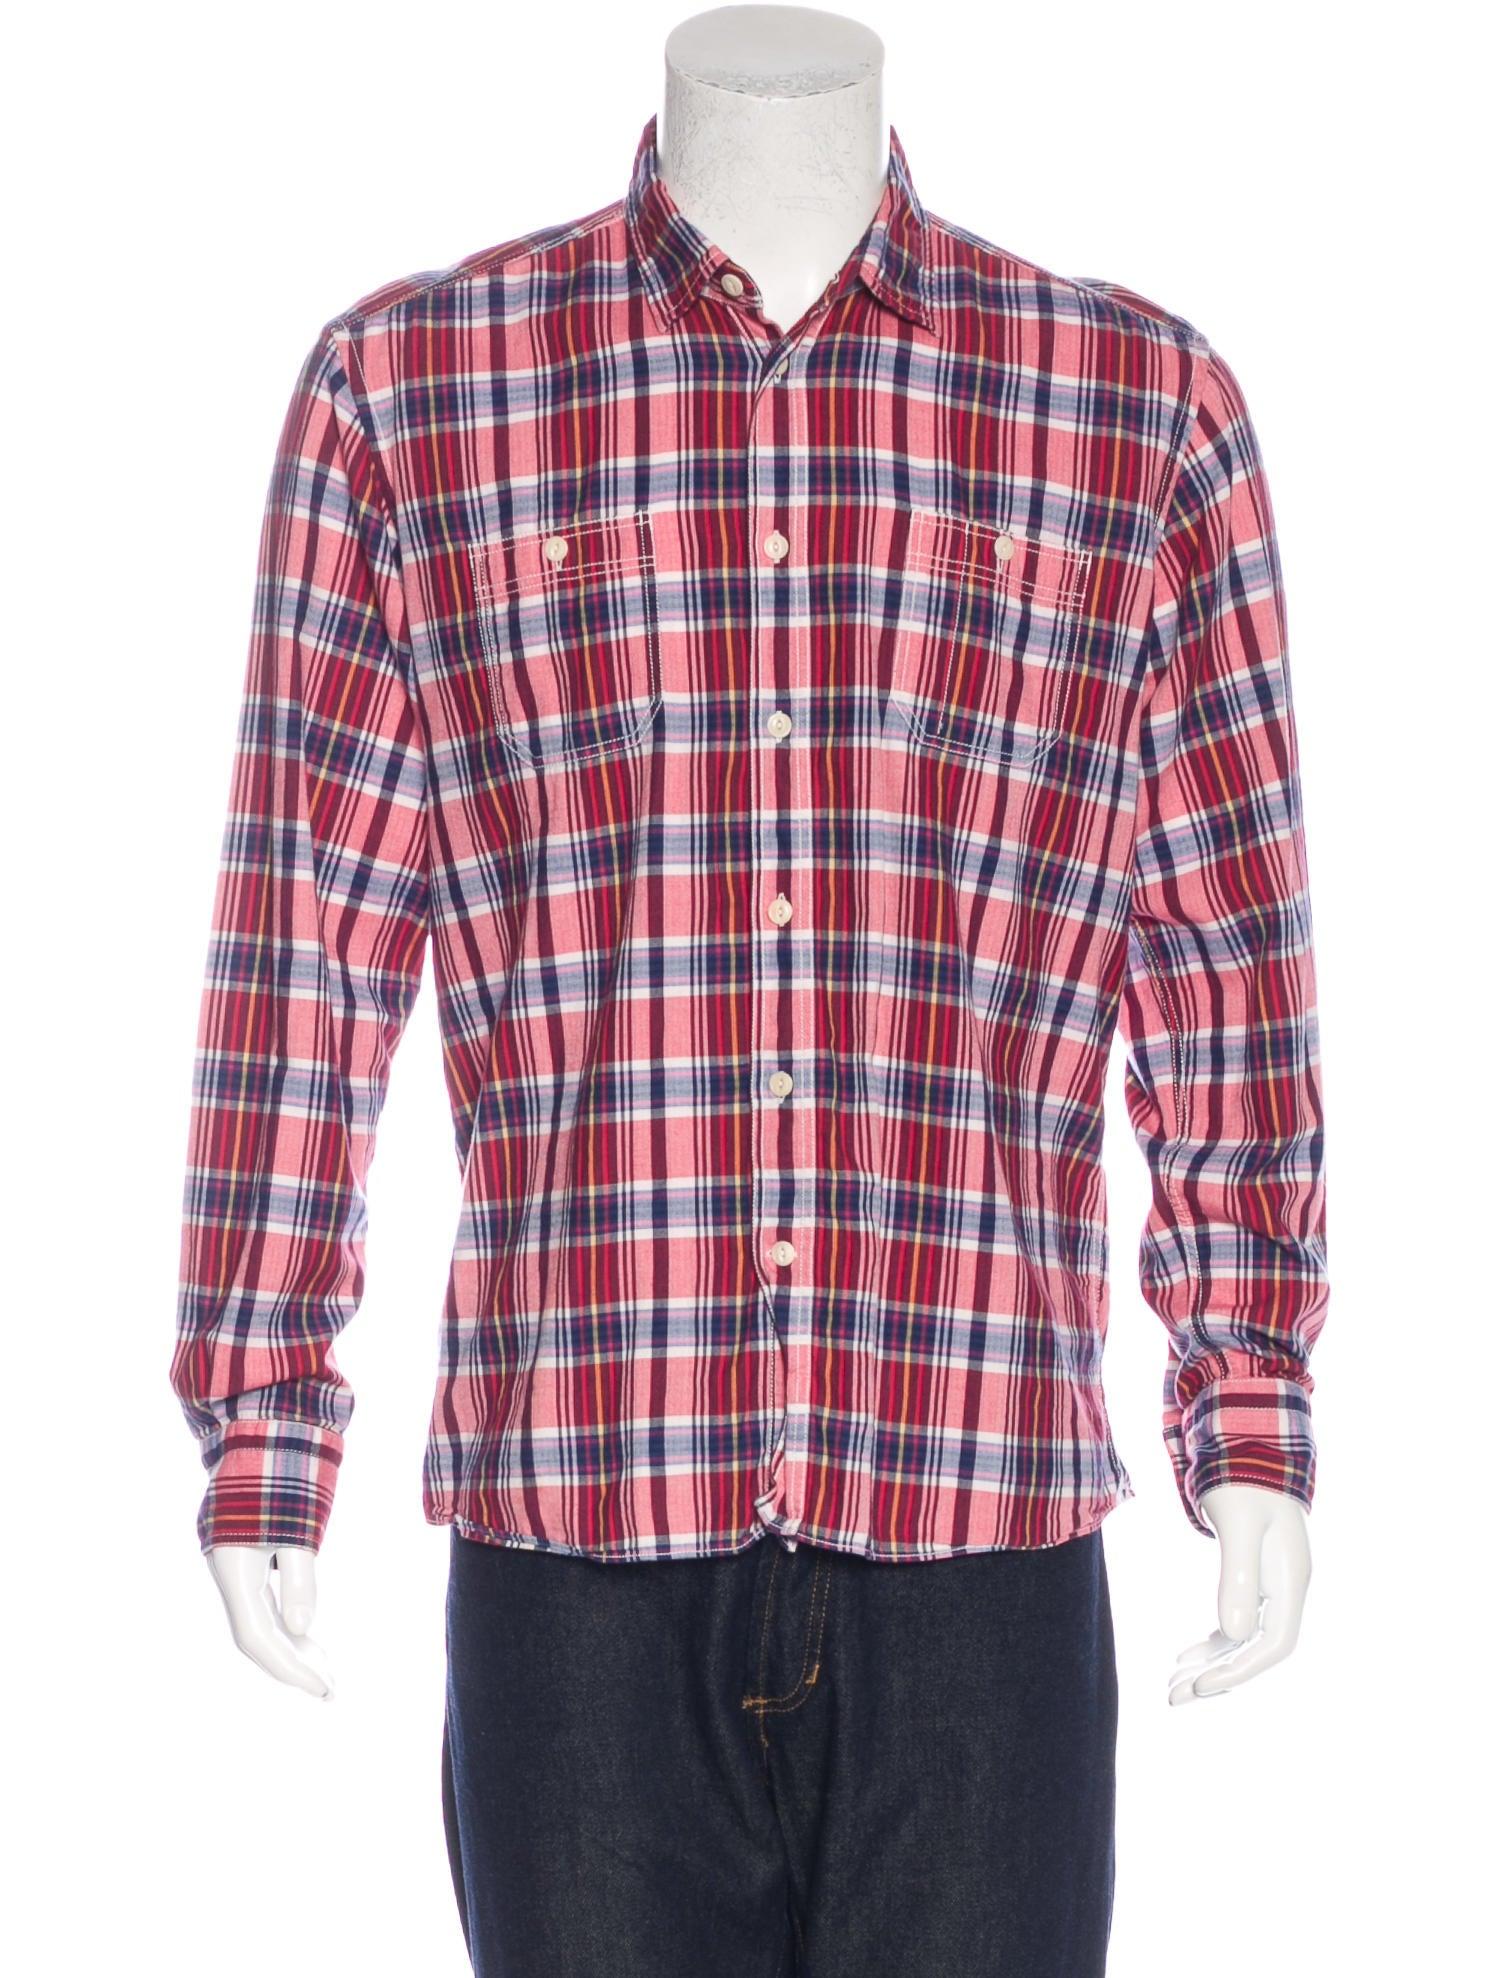 Maison kitsun plaid flannel shirt clothing w1k20595 for Mens yellow plaid flannel shirt